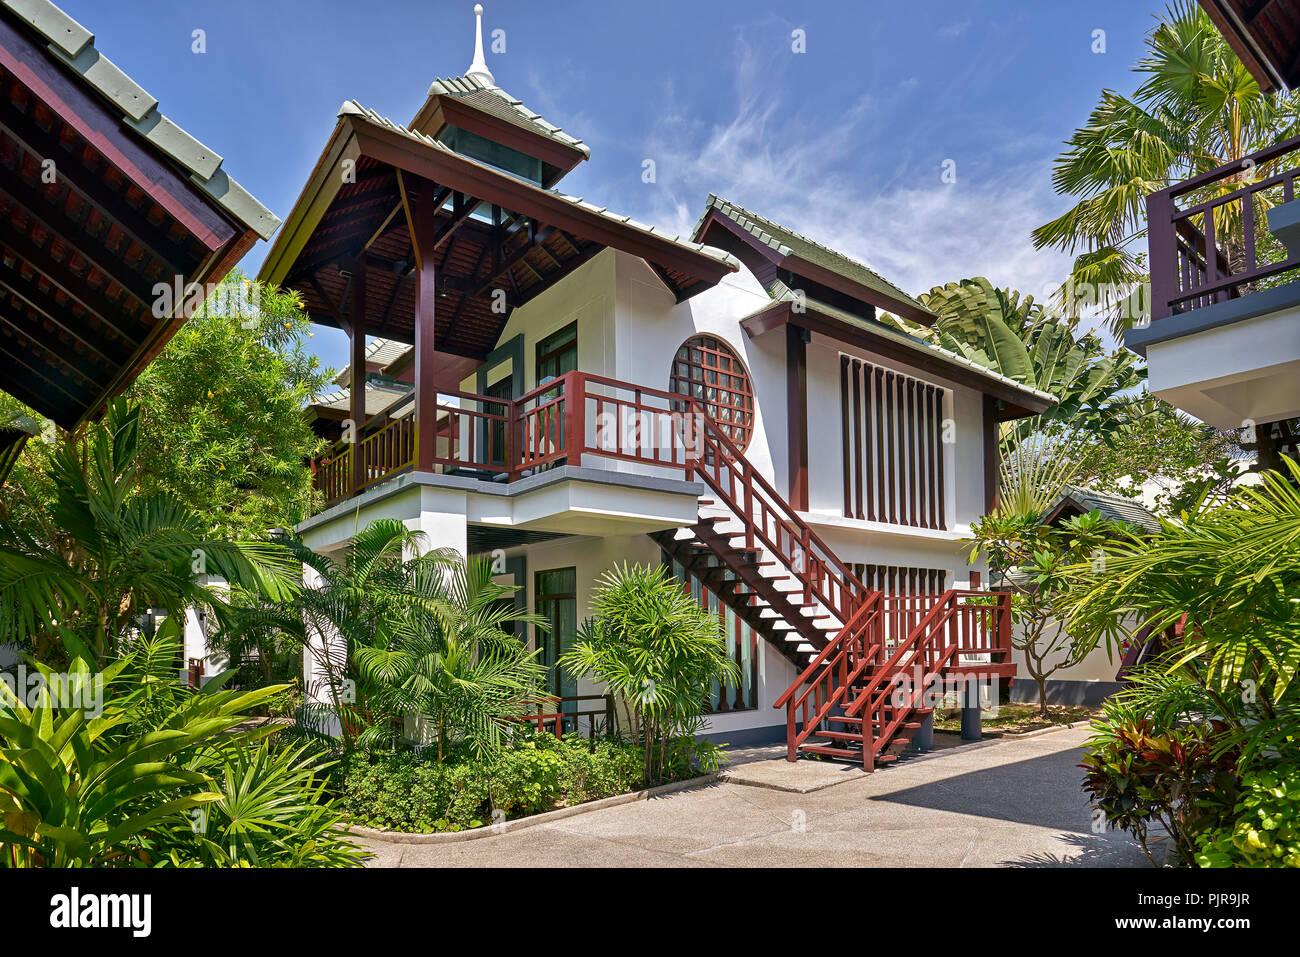 Thailandia casa tradizionale della thailandia for Casa tradizionale mogoro